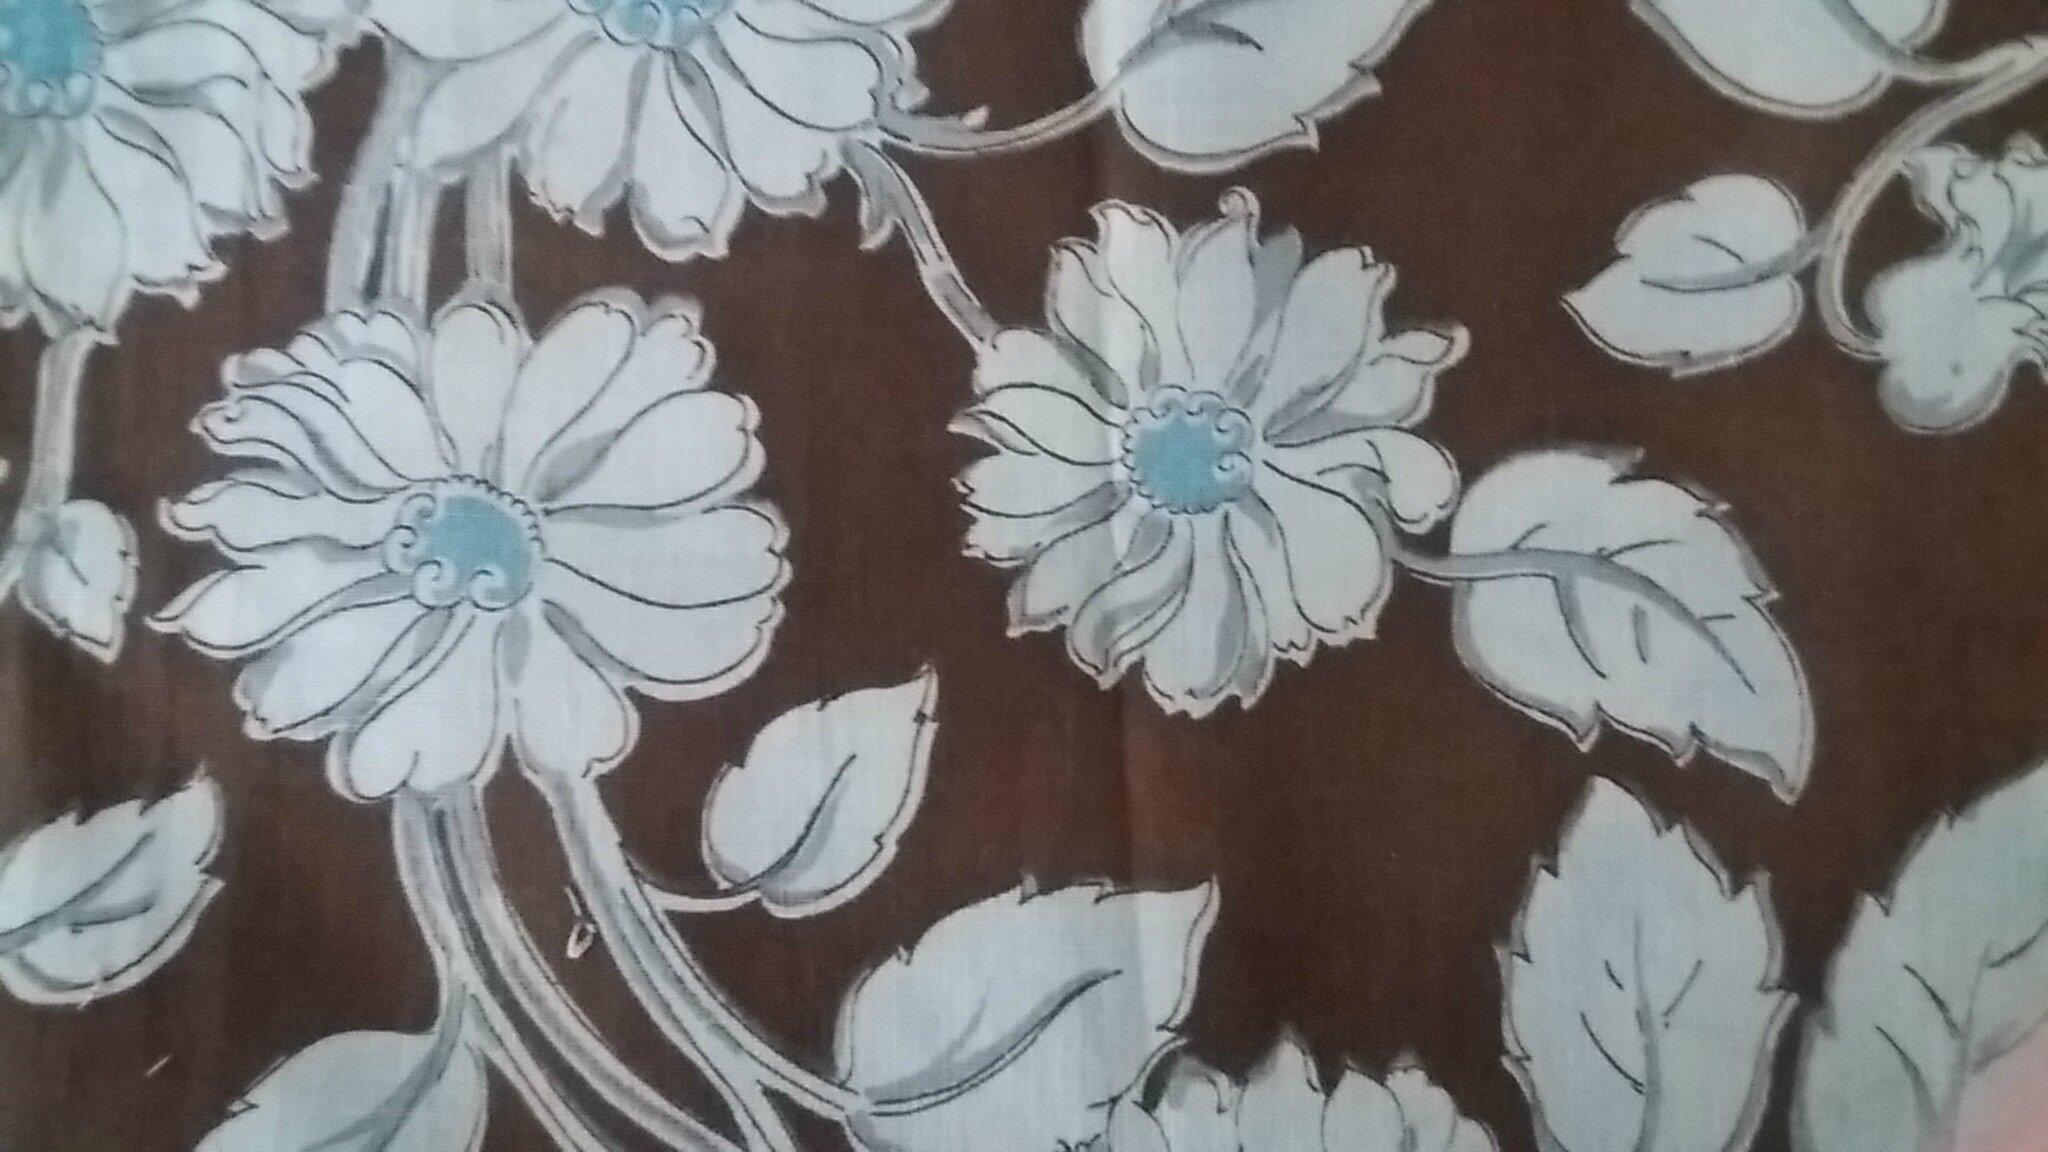 257 joli tissu ancien vintage Tons de brun, turquoise et gris perle sur fond ecru